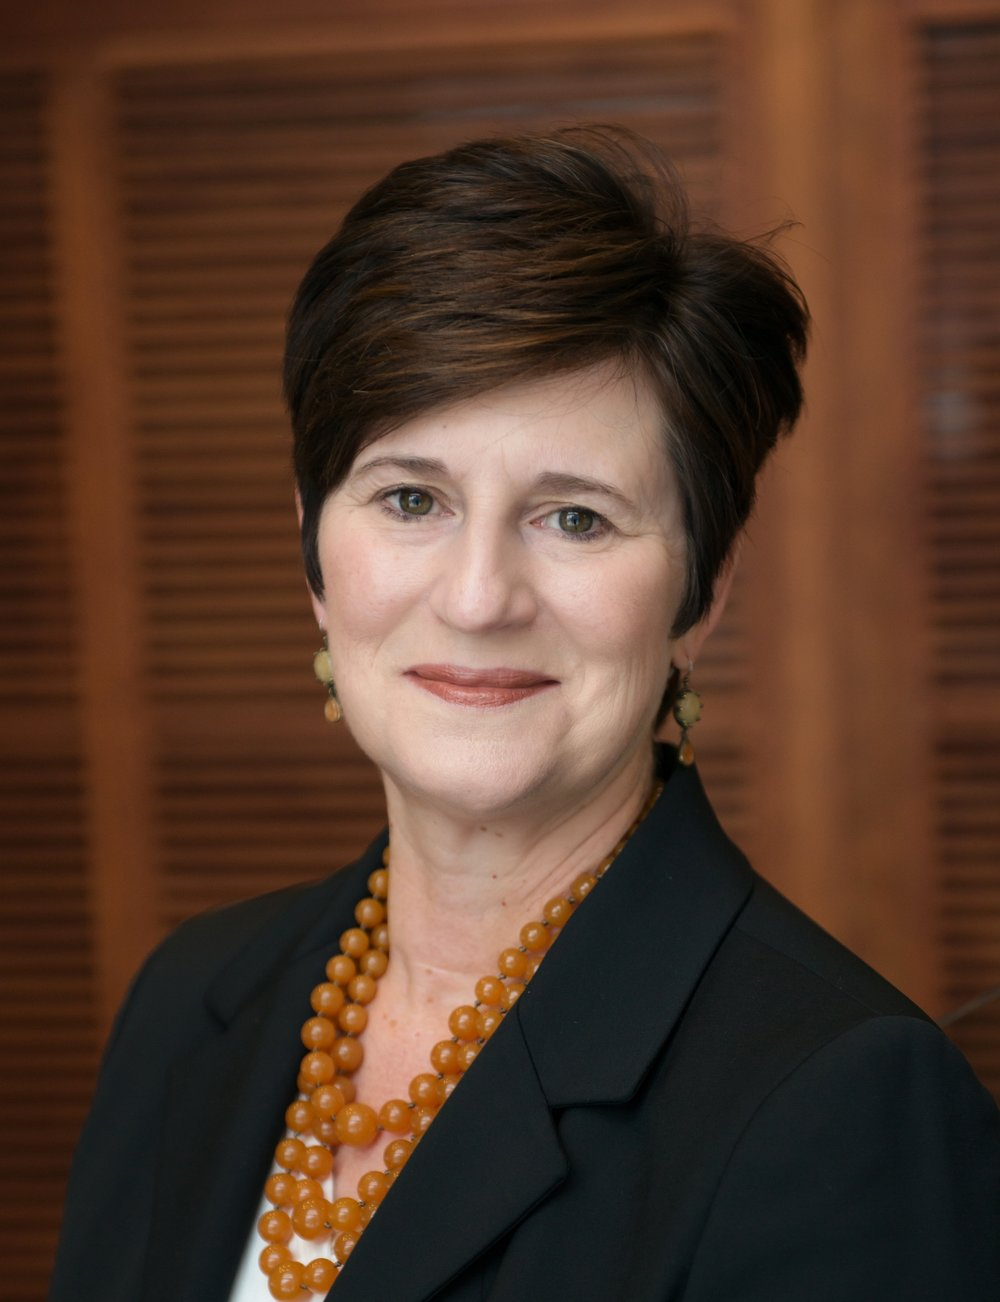 Dr. Susan C. Martin